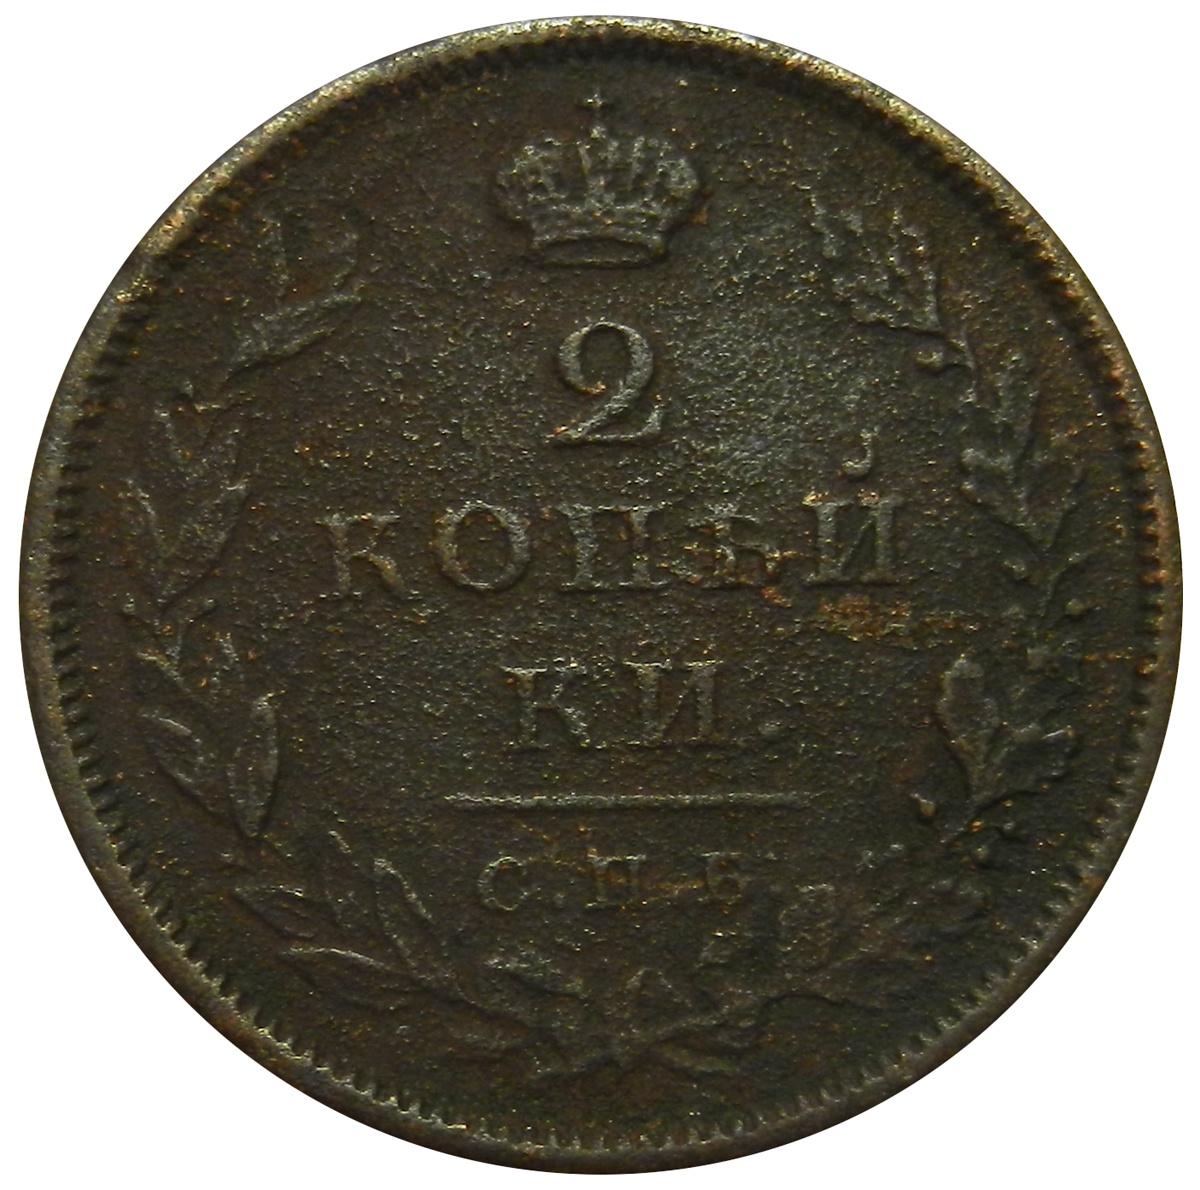 Монета 2 копейки. Медь. Российская Империя, 1810 год (СПБ ФГ) (Обычный орел) ХF